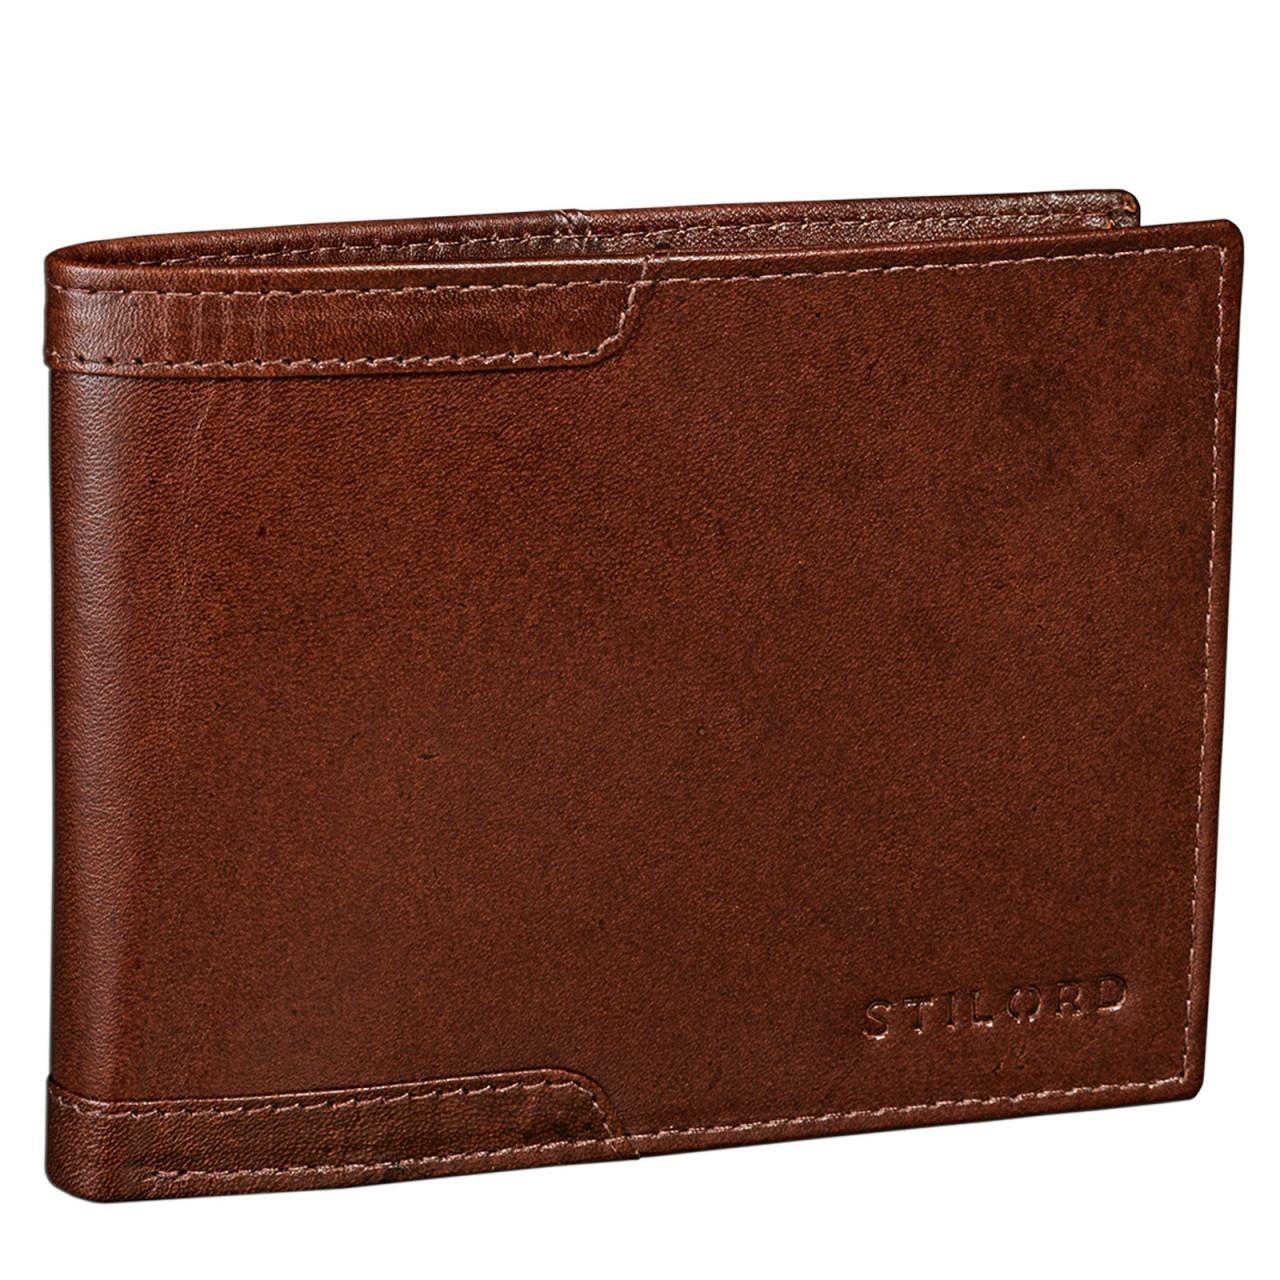 STILORD Vintage Leder Geldbörse für Herren Geldbeutel Portemonnaie EC-Karten Retro Rinds Leder cognac braun - Bild 1